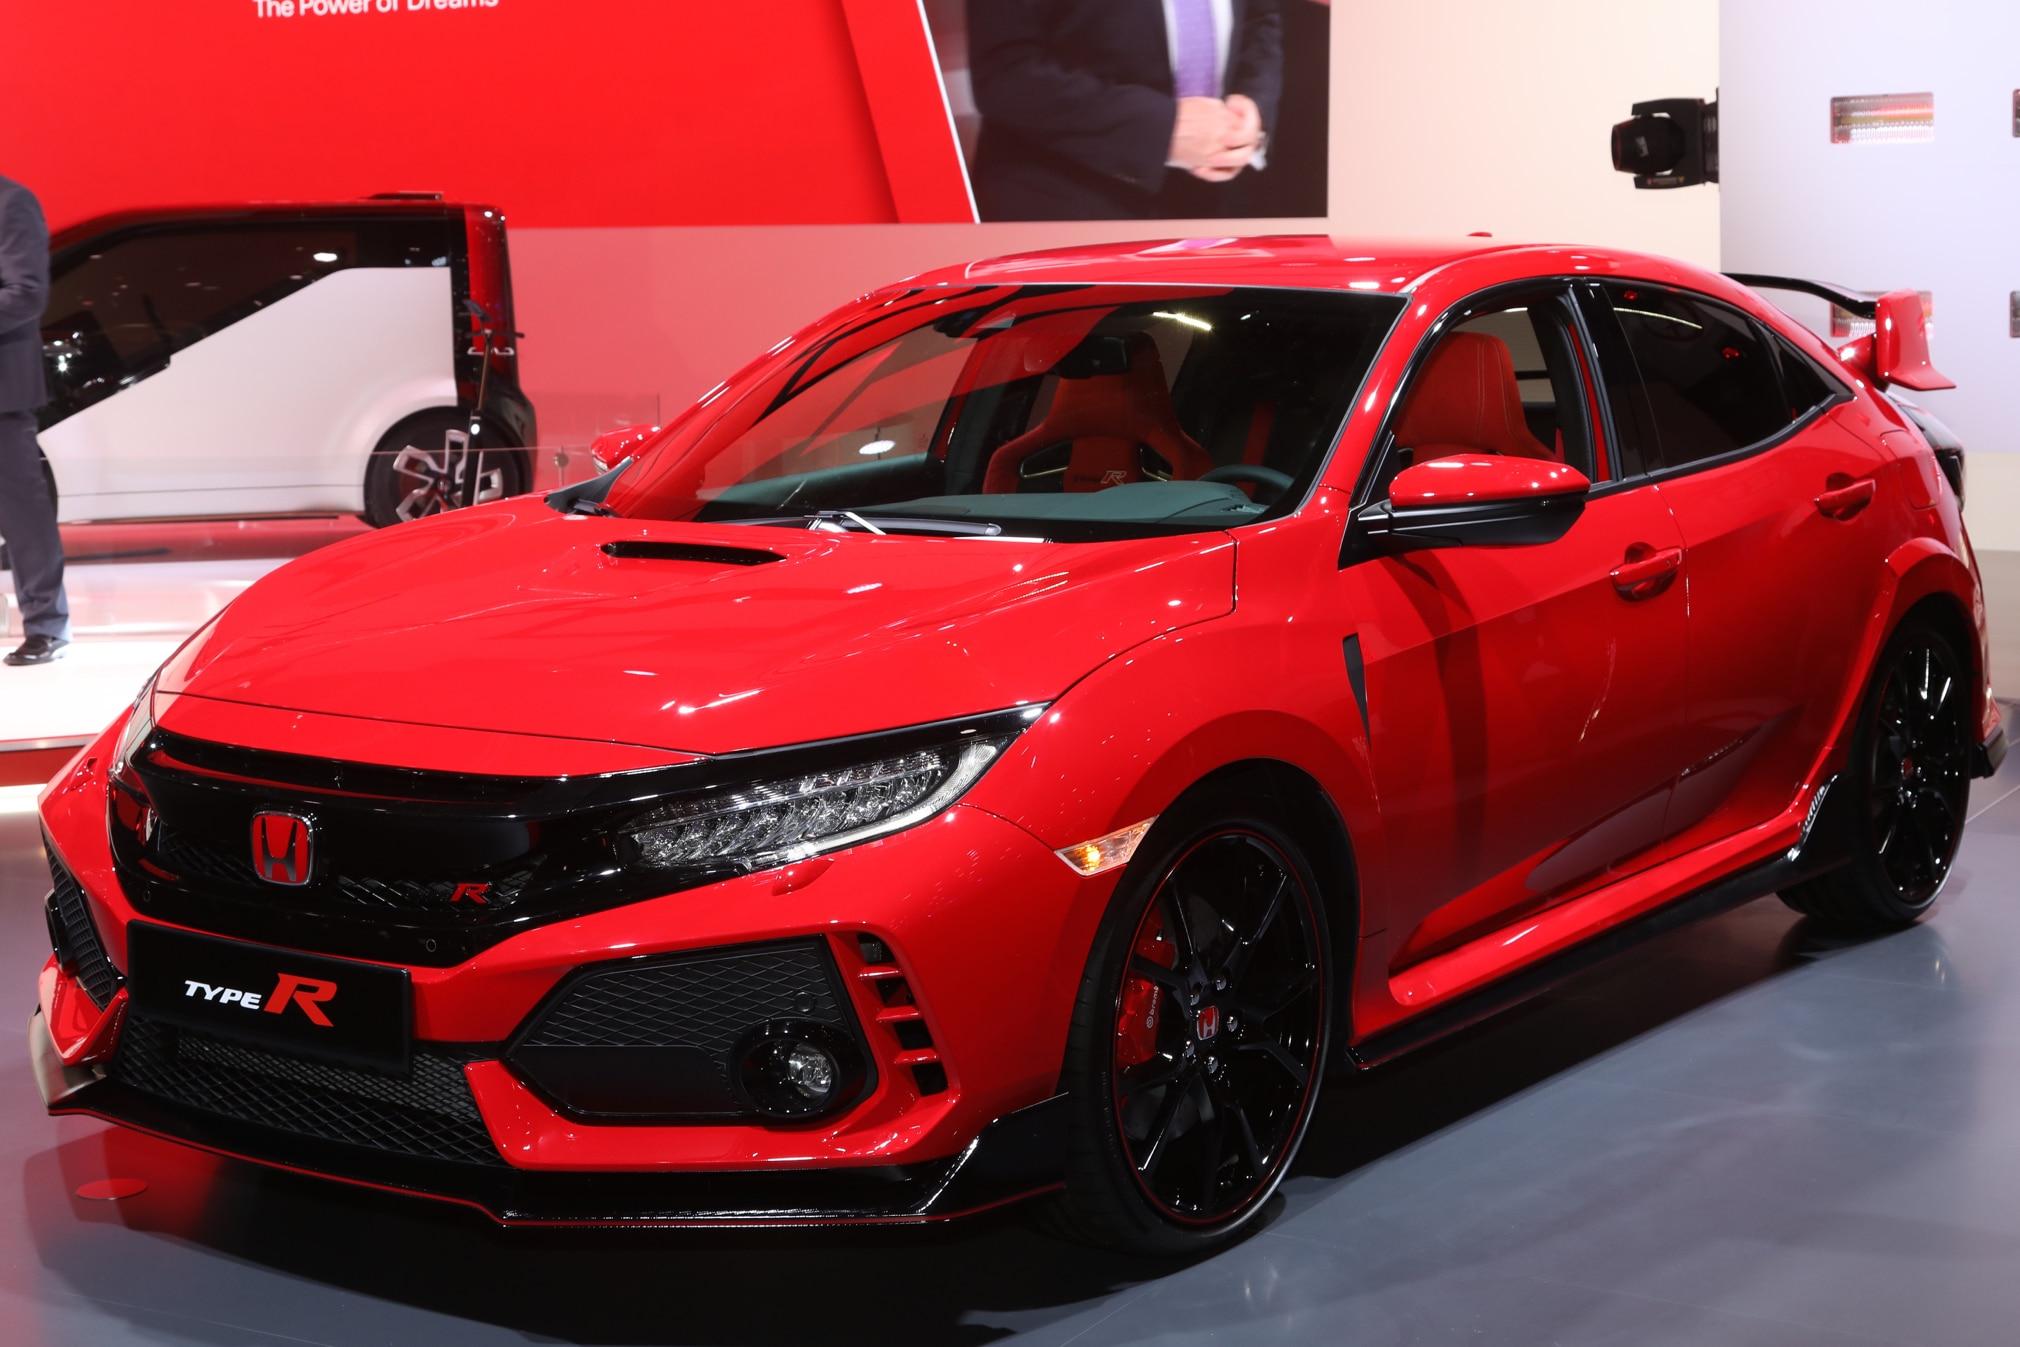 2017 Honda Civic Type R front three quarter 02